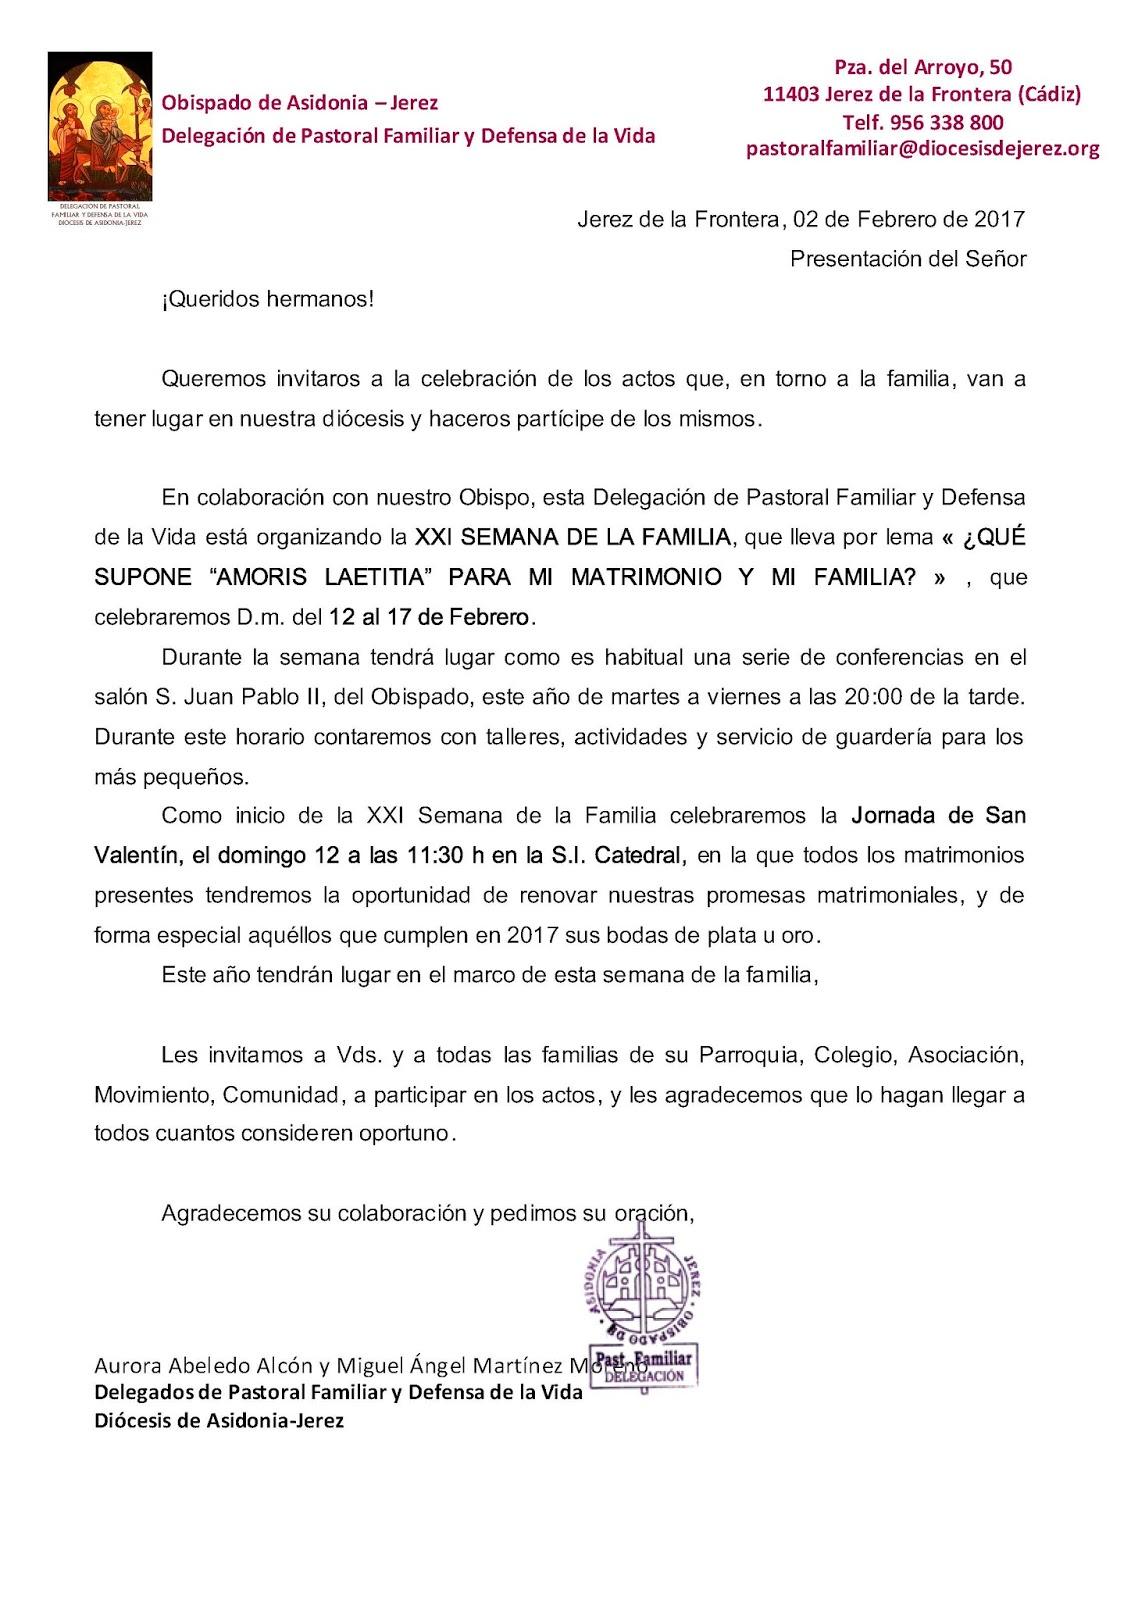 Noticias de Asidonia-Jerez: XXI Semana de la Familia